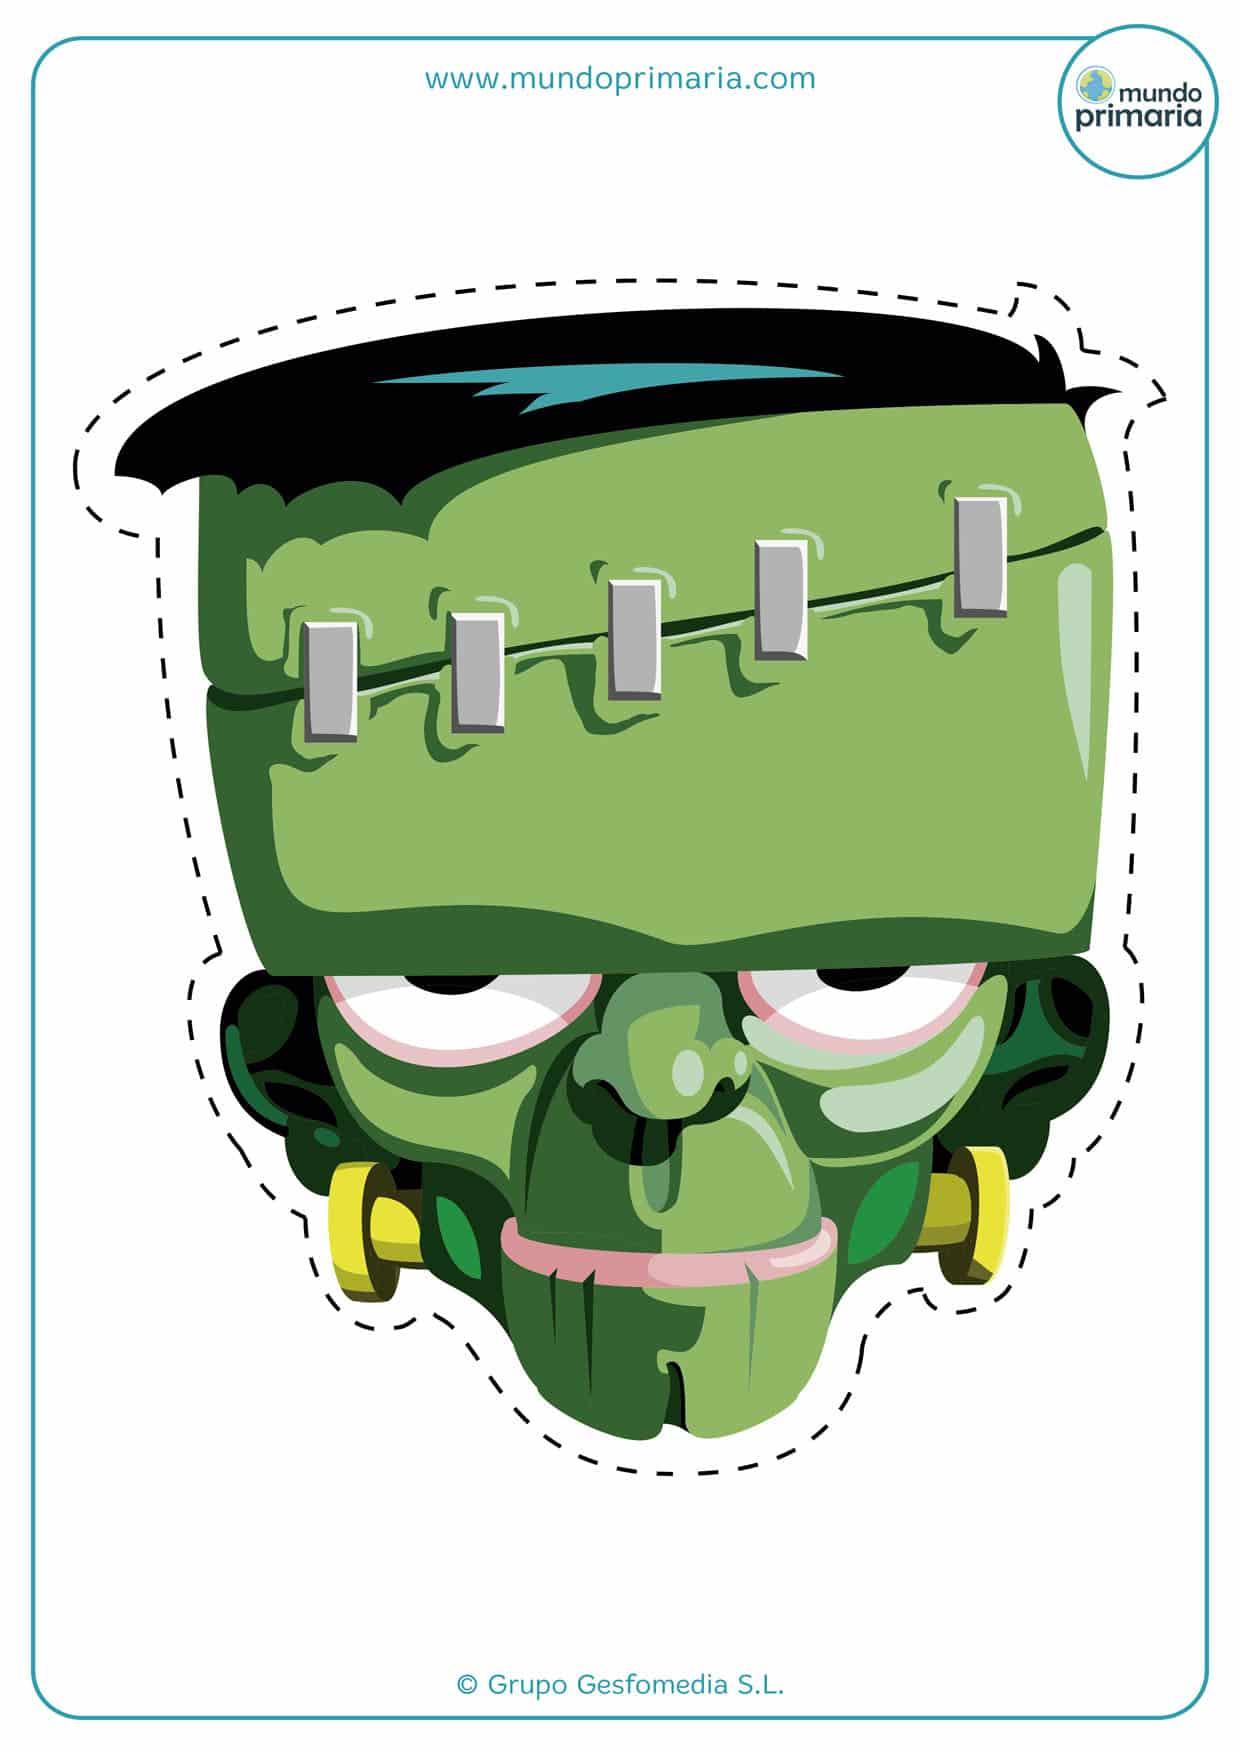 careta del monstruo de Frankenstein verde